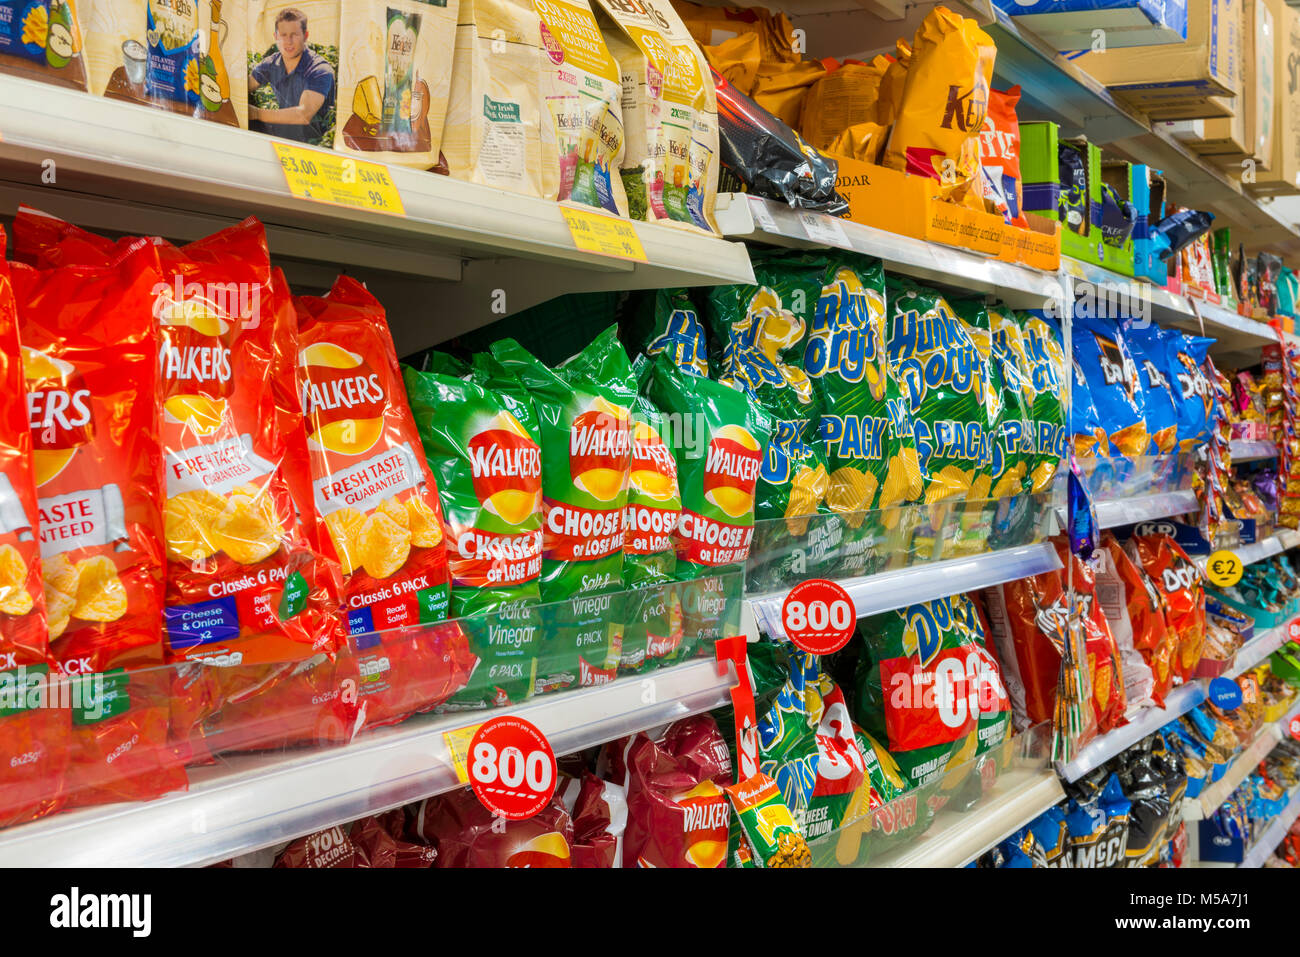 Crisps / potato chips on supermarket shelves - Stock Image